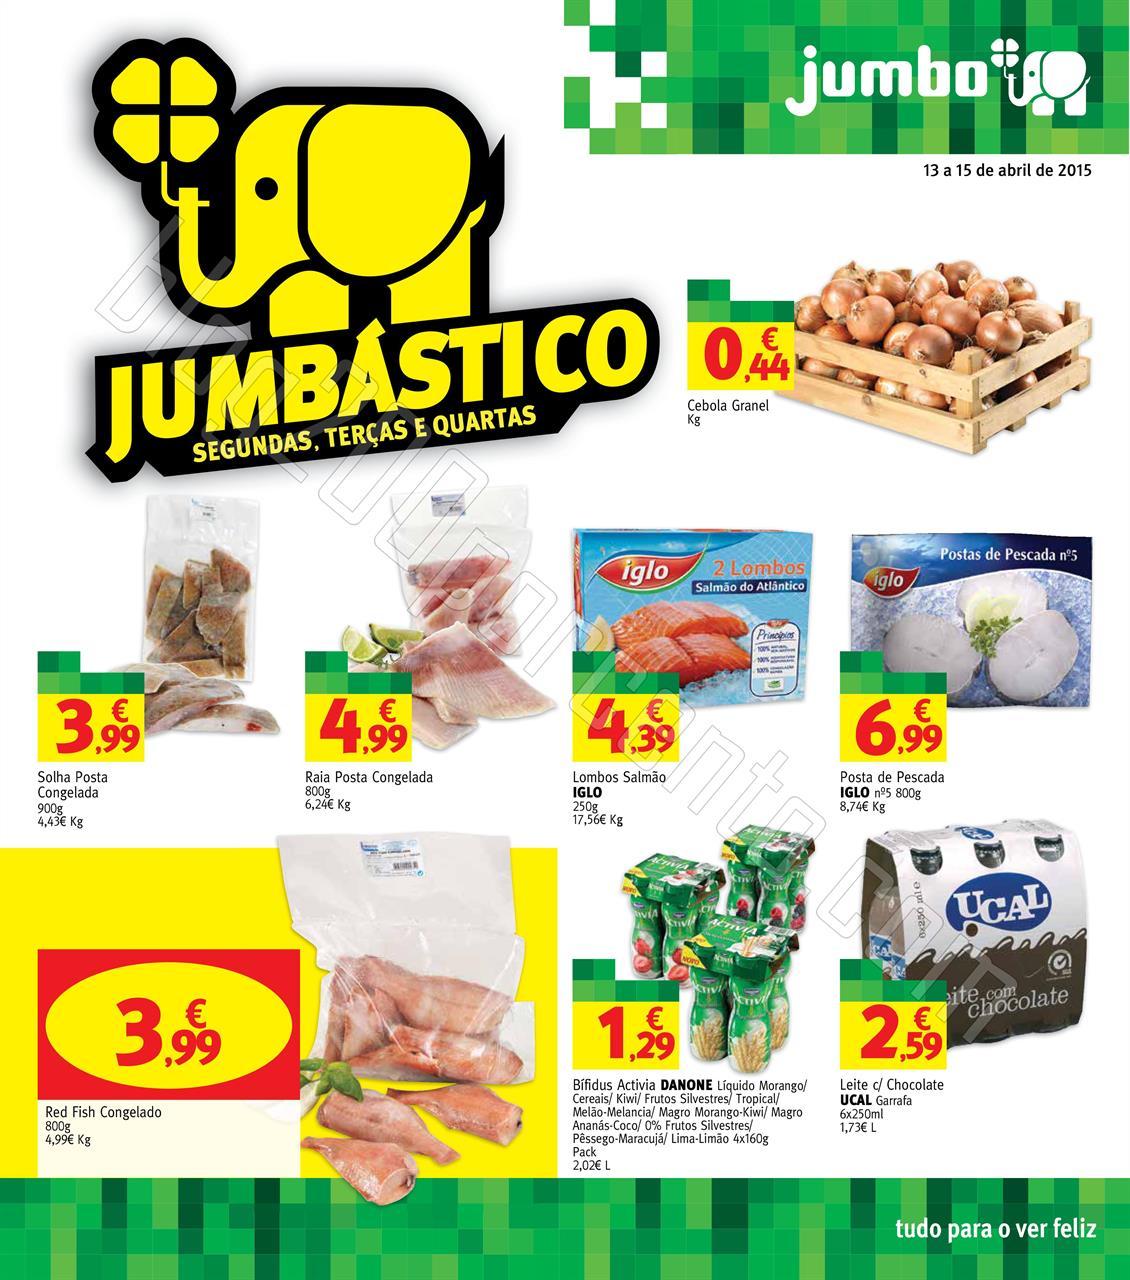 Antevisão Folheto JUMBO Promoções de 13 a 15 ab